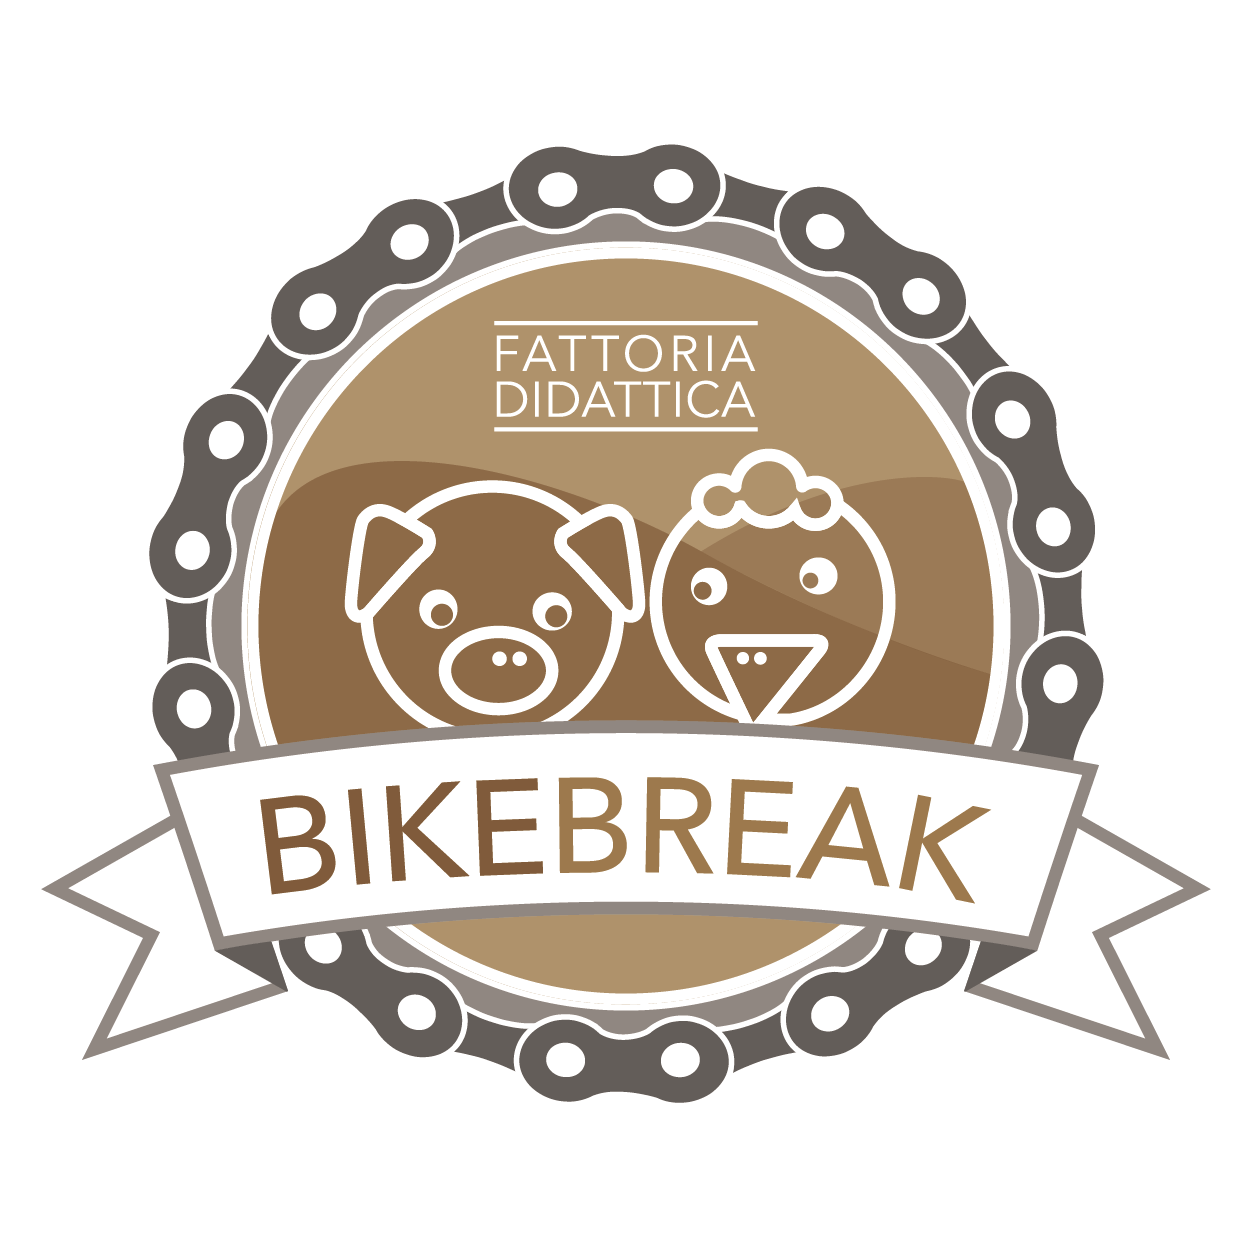 Bike Break - Fattoria didattica